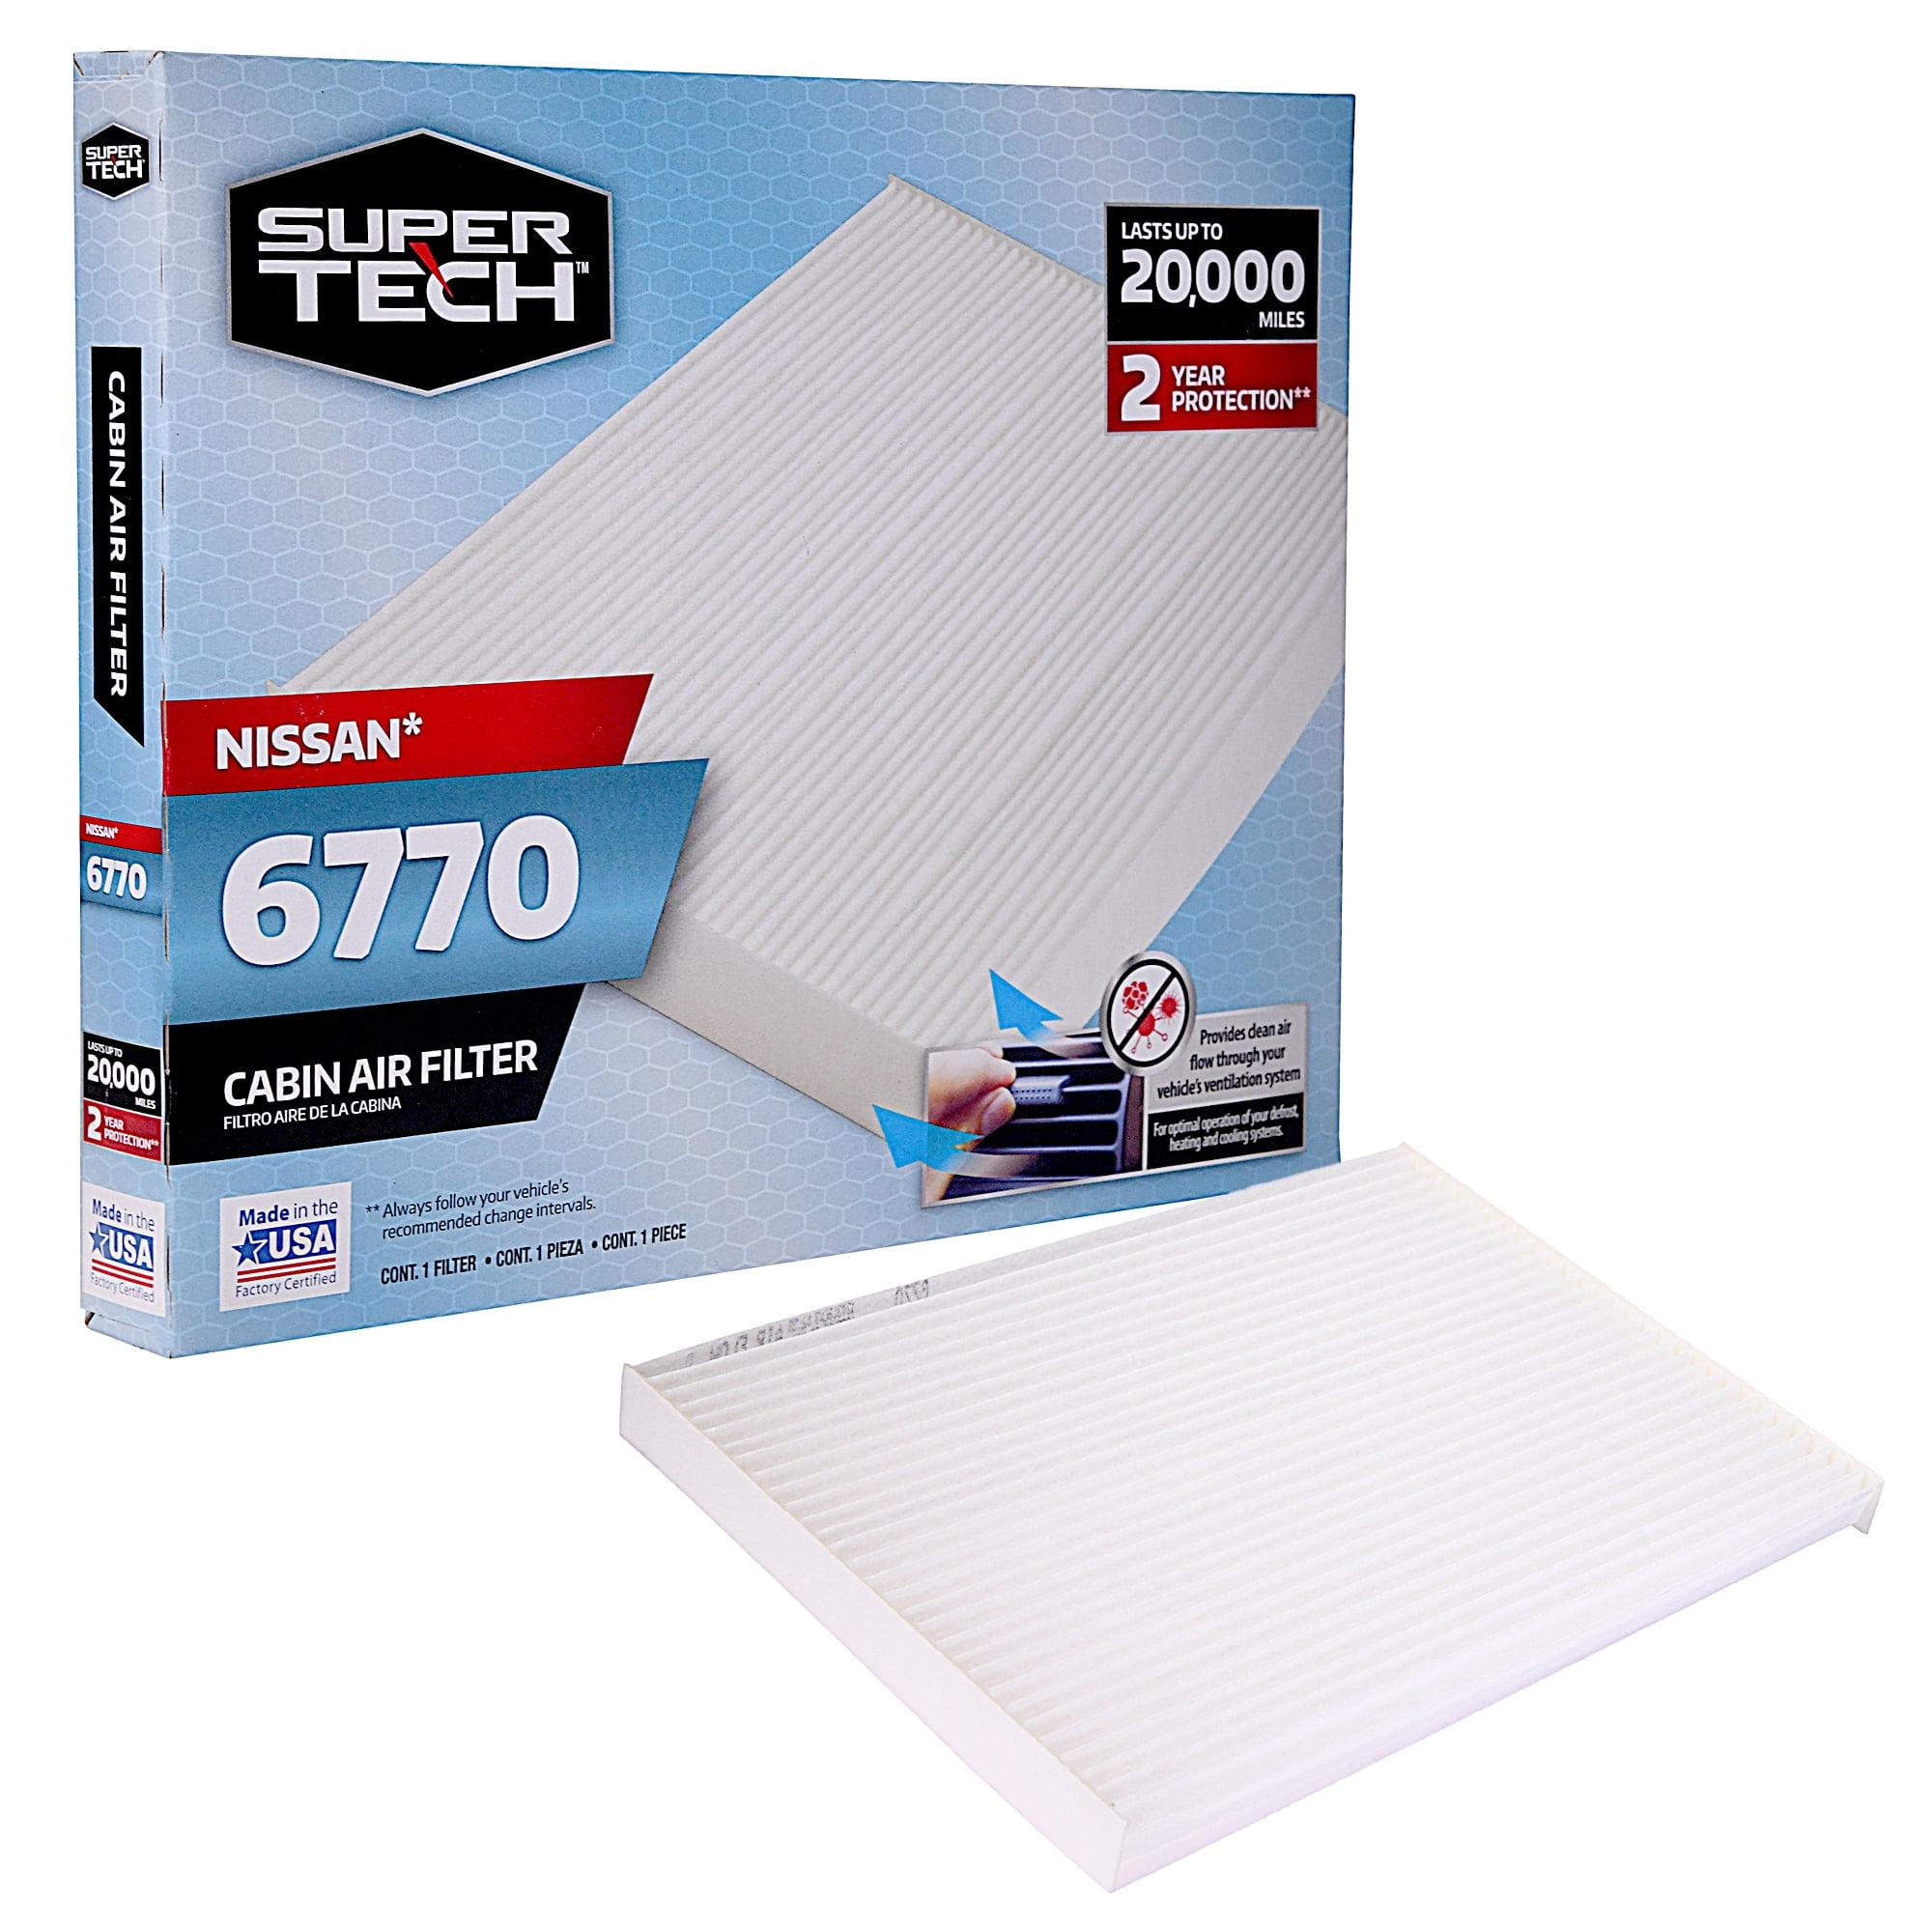 Supertech Cabin Air Filter 6770 Replacement Air Dust Filter For Nissan Walmart Com